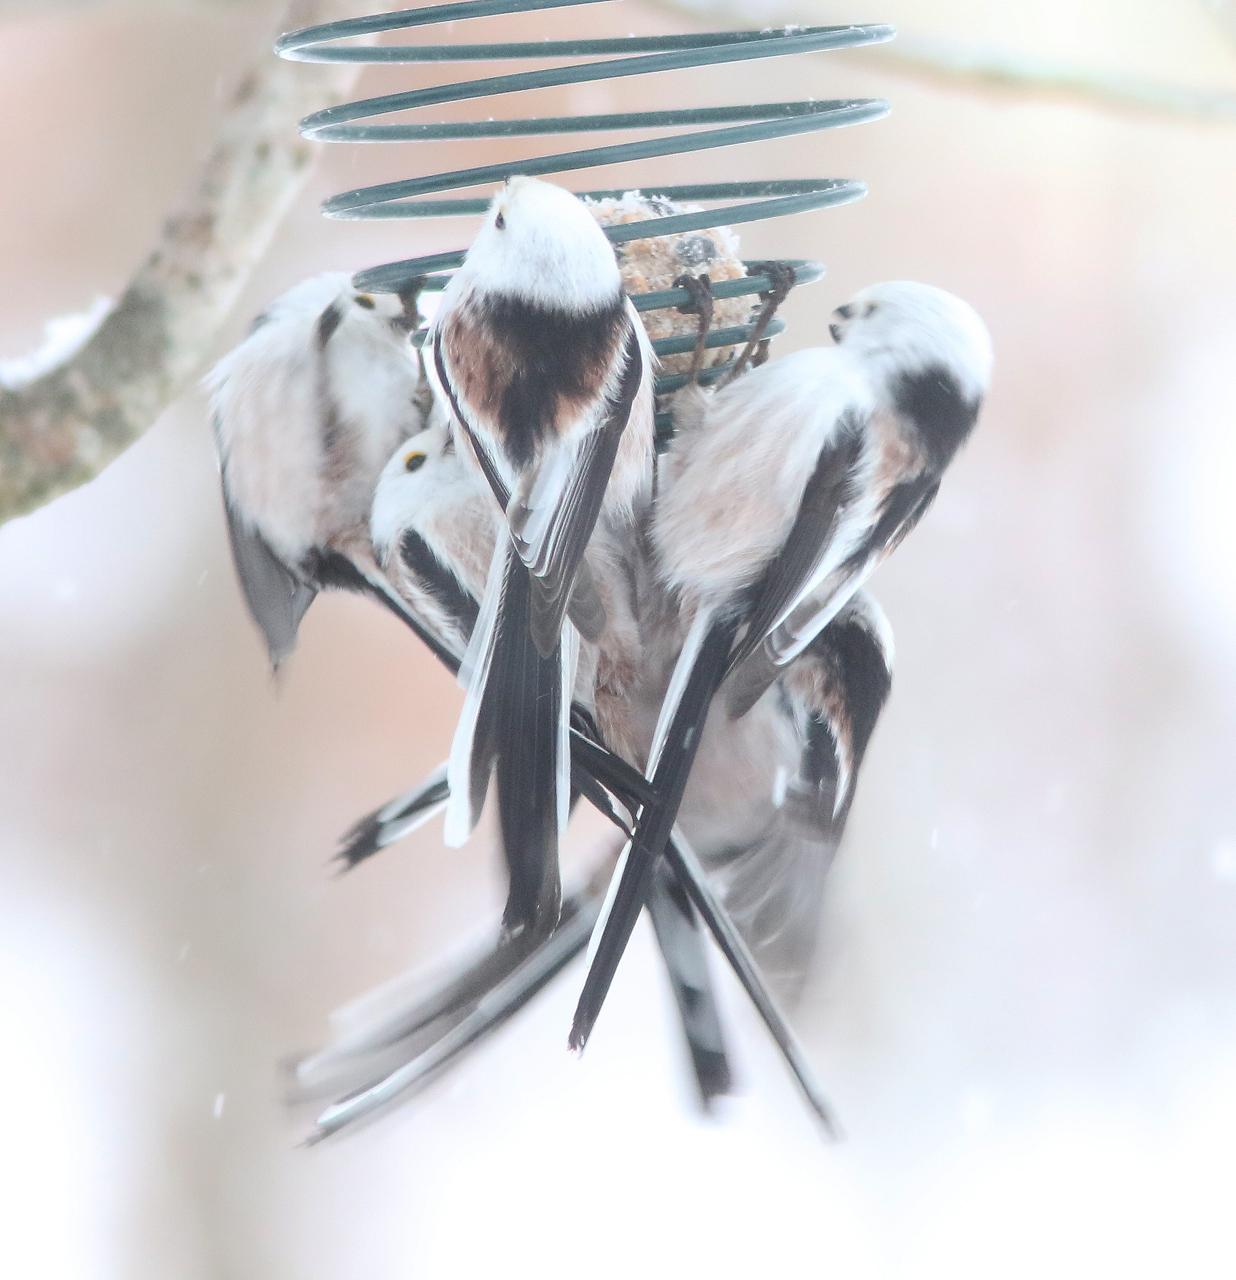 Stjärtmesar Aegithalos caudatus kalasar som alltid helt utan bråk på talgbollarna i trädgården i Växjö